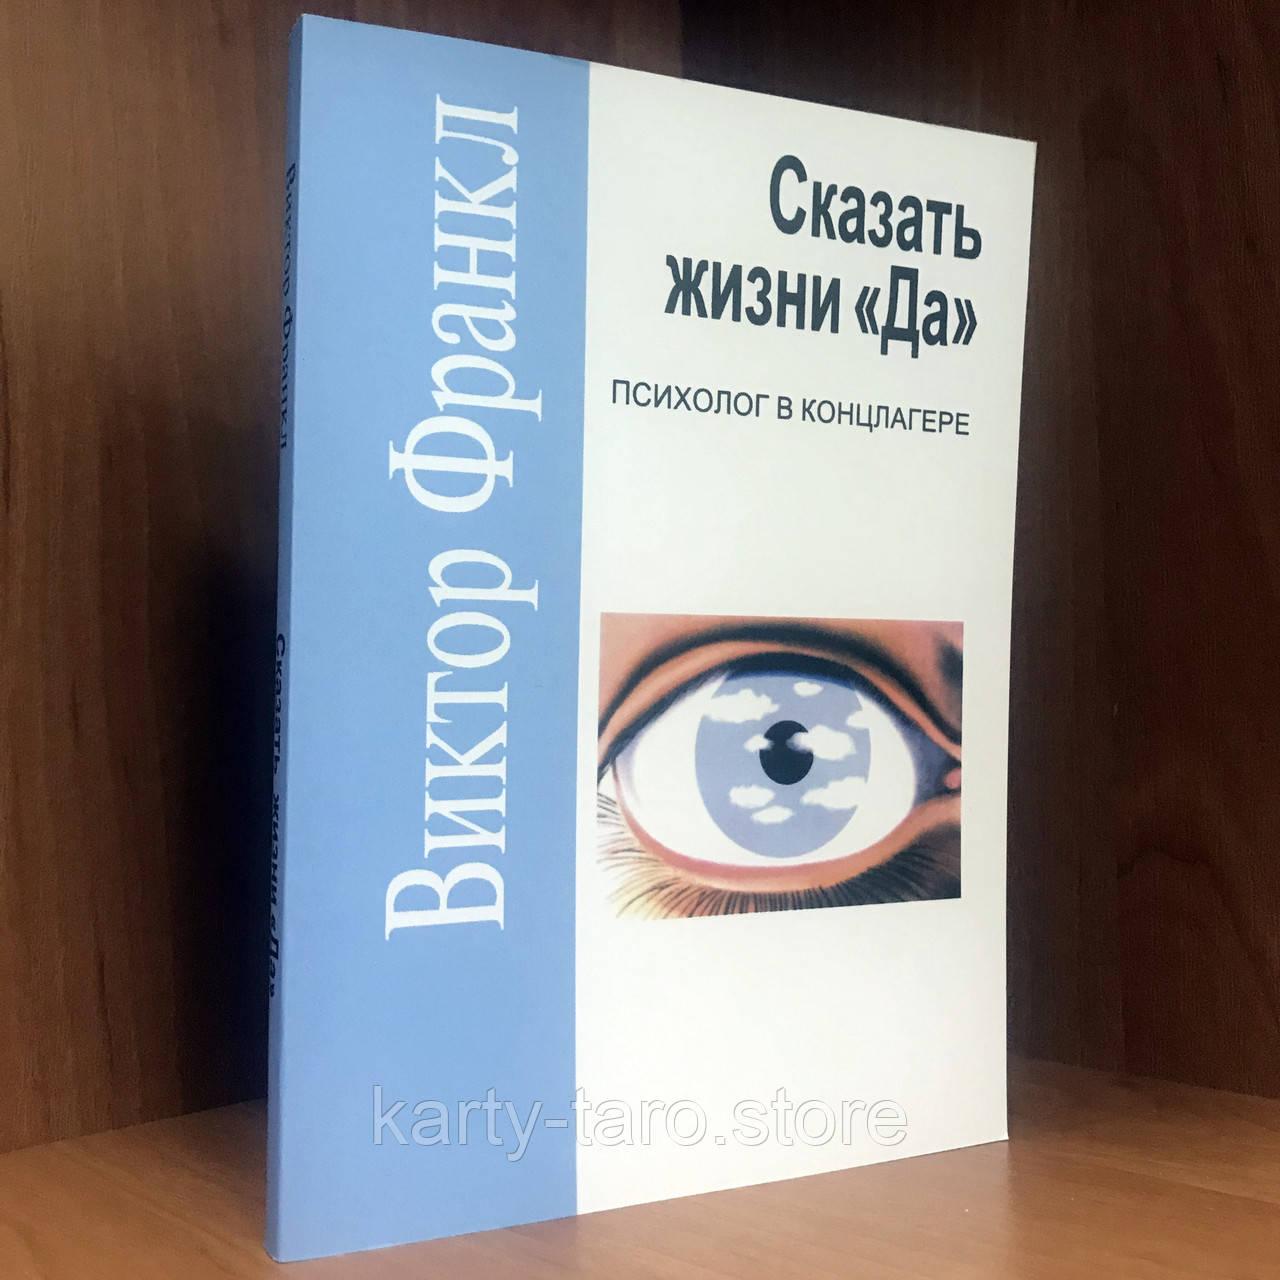 """Книга Сказати життю """"Так!"""". Психолог в концтаборі - Віктор Франкл"""